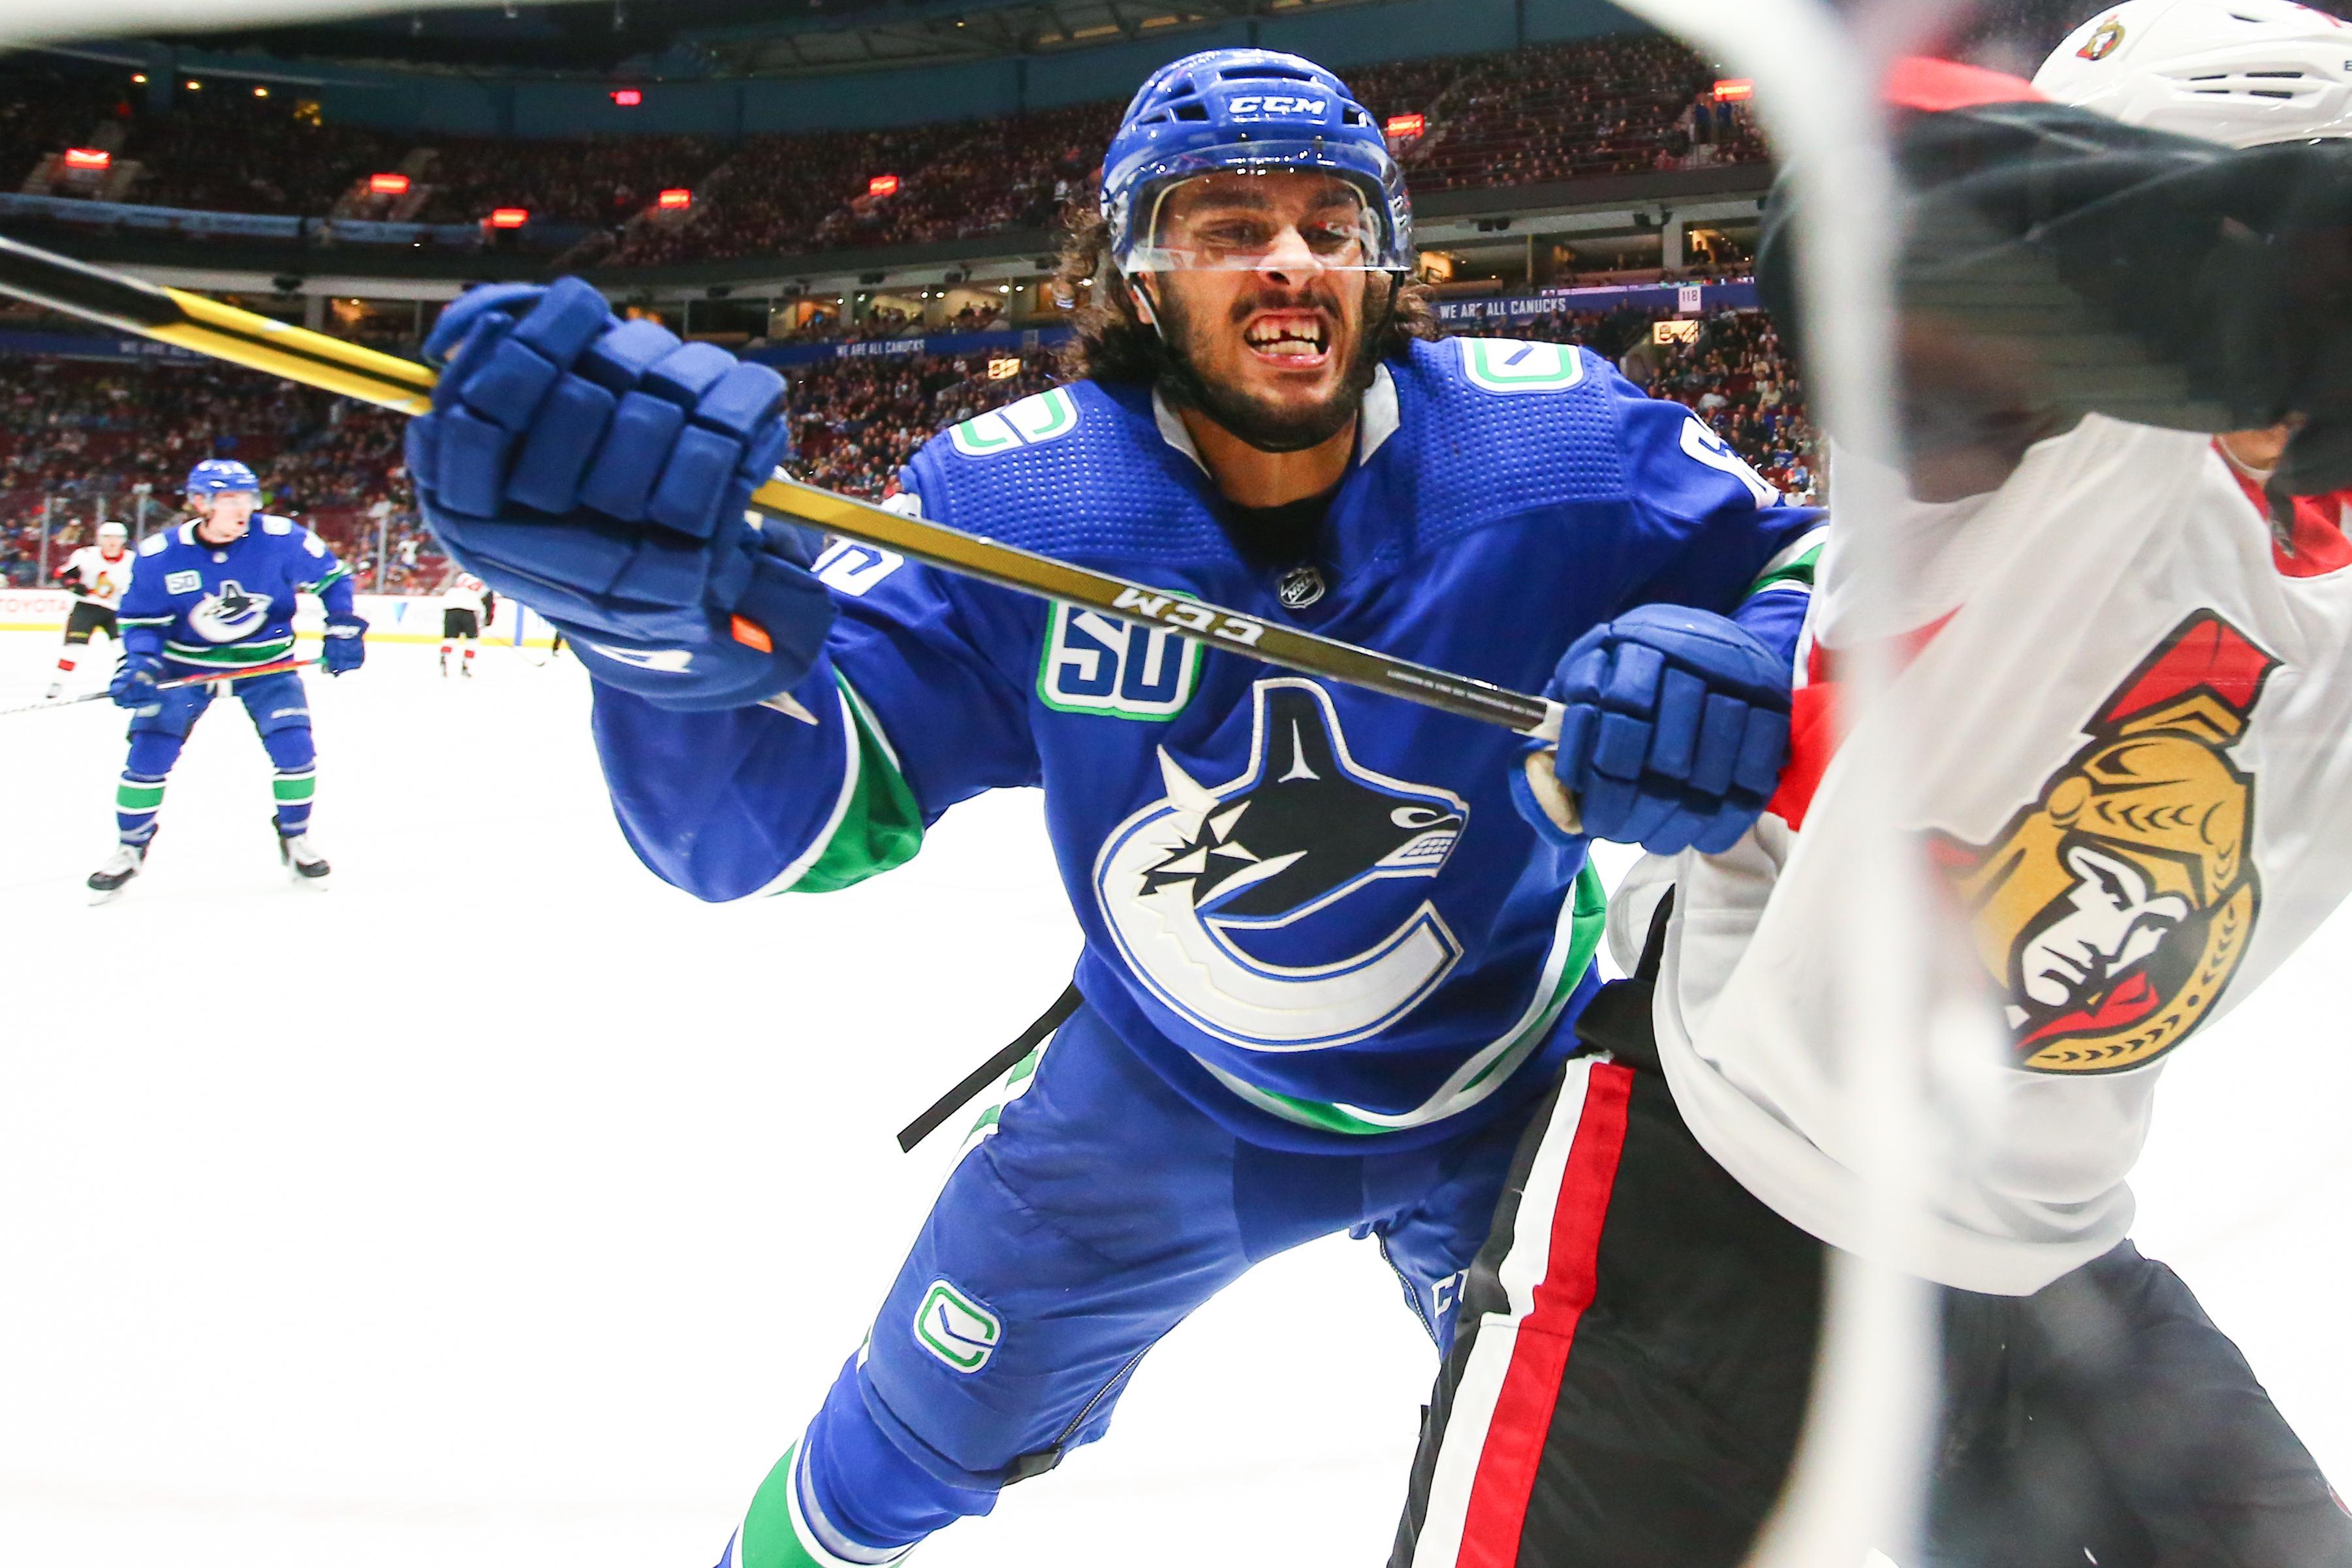 NHL: SEP 25 Preseason - Senators at Canucks